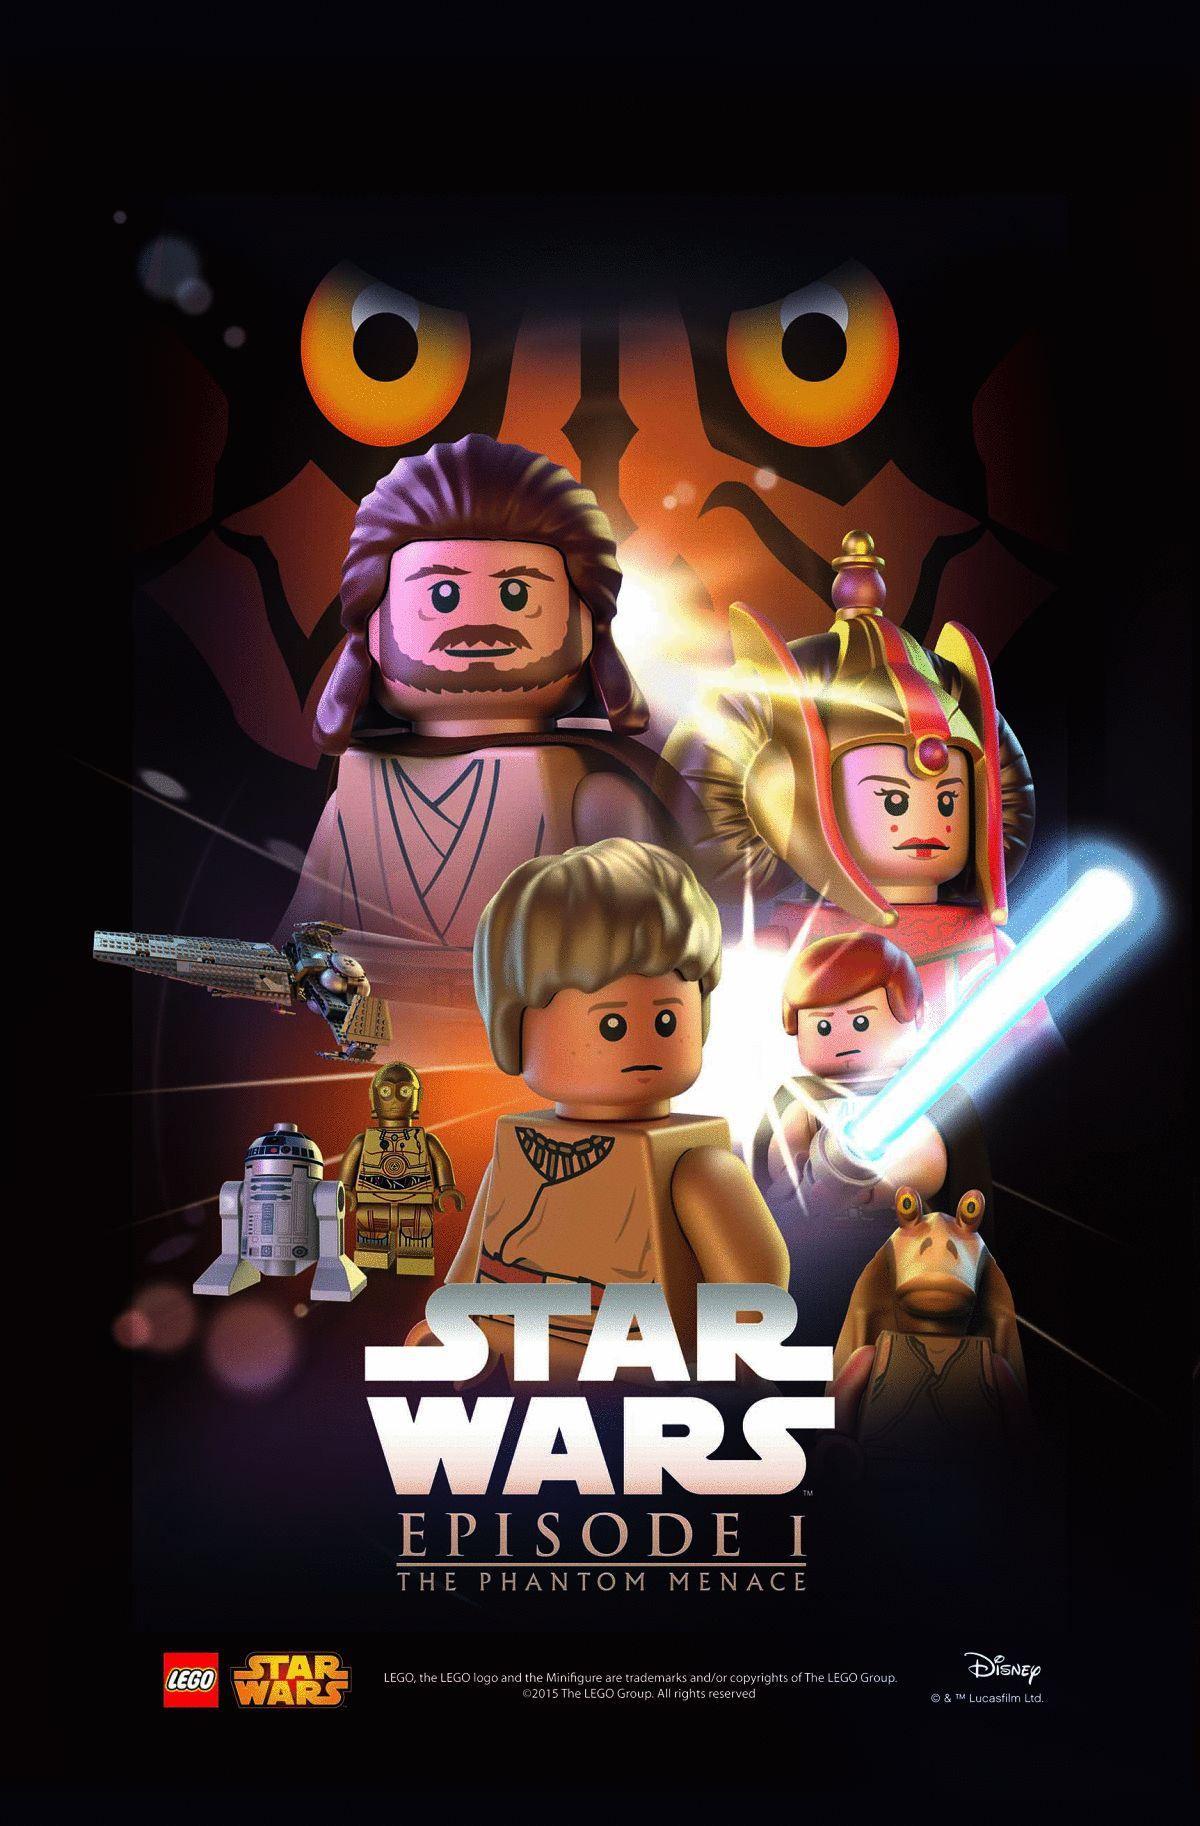 Lego Spiderman Malvorlagen Star Wars 1 Lego Spiderman: Lego Star Wars Episode 1 Poster